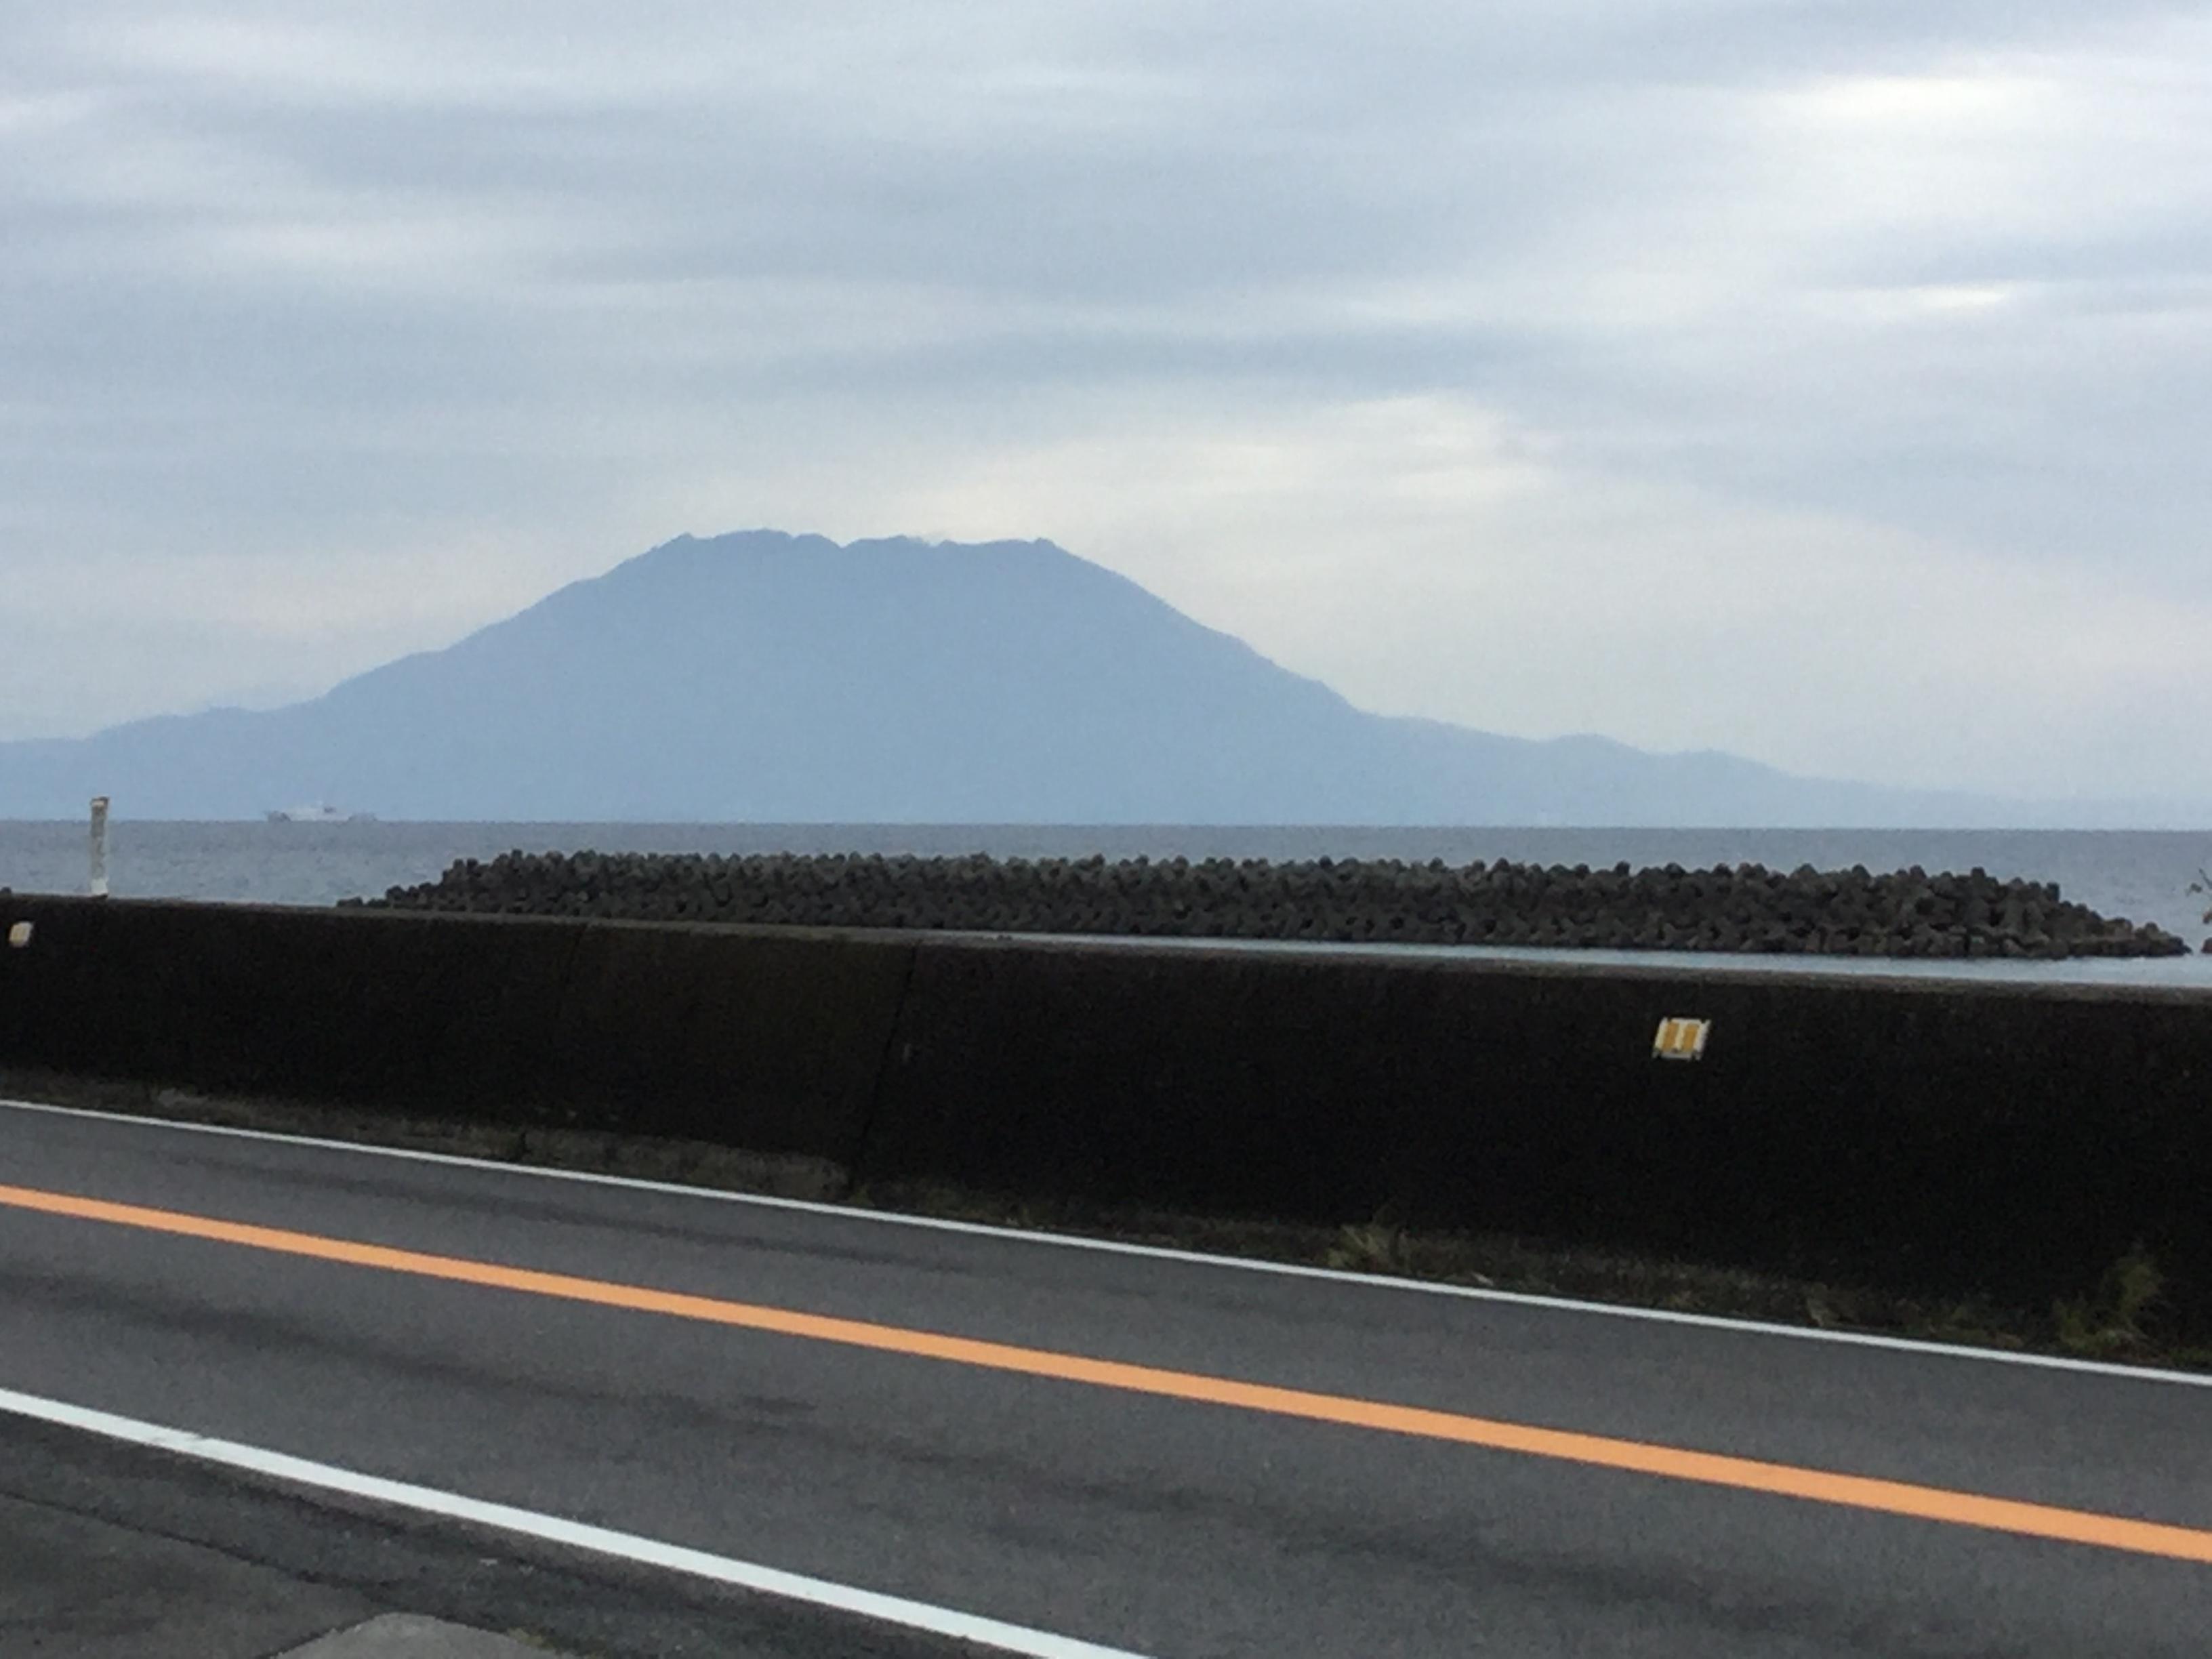 雨上がりの桜島